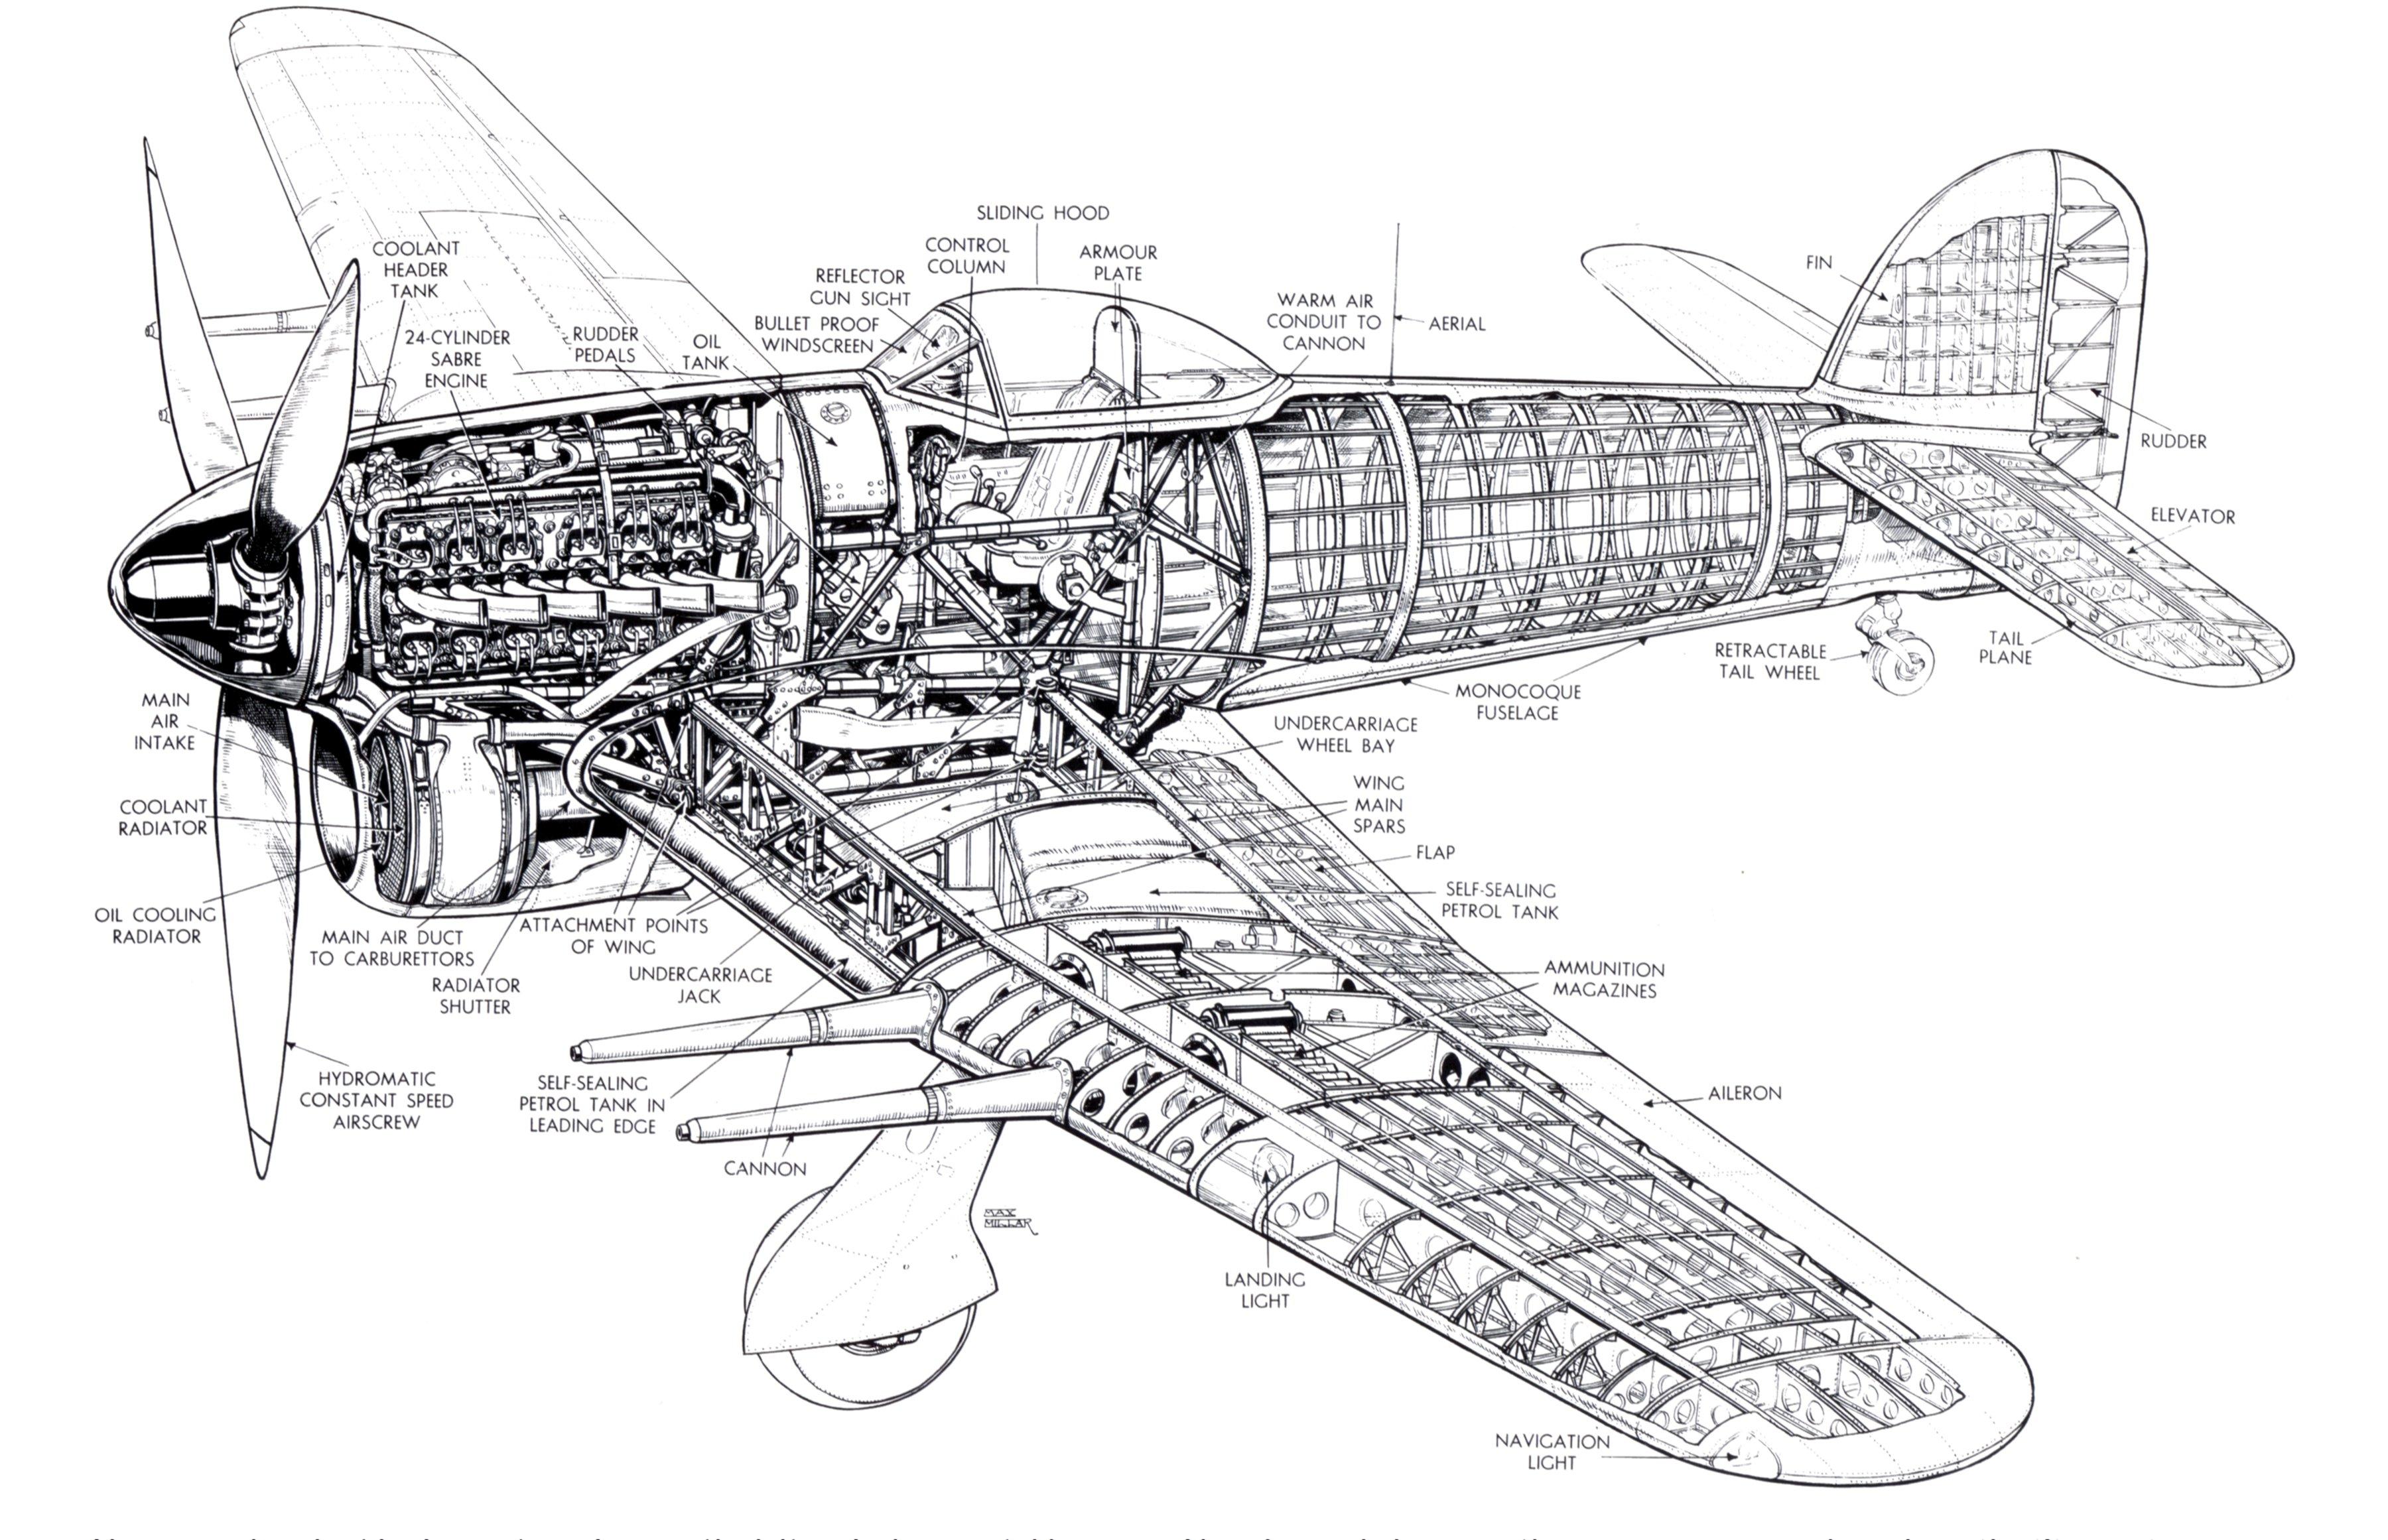 Fairchild Republic A10 Thunderbolt II Warthog Close Air